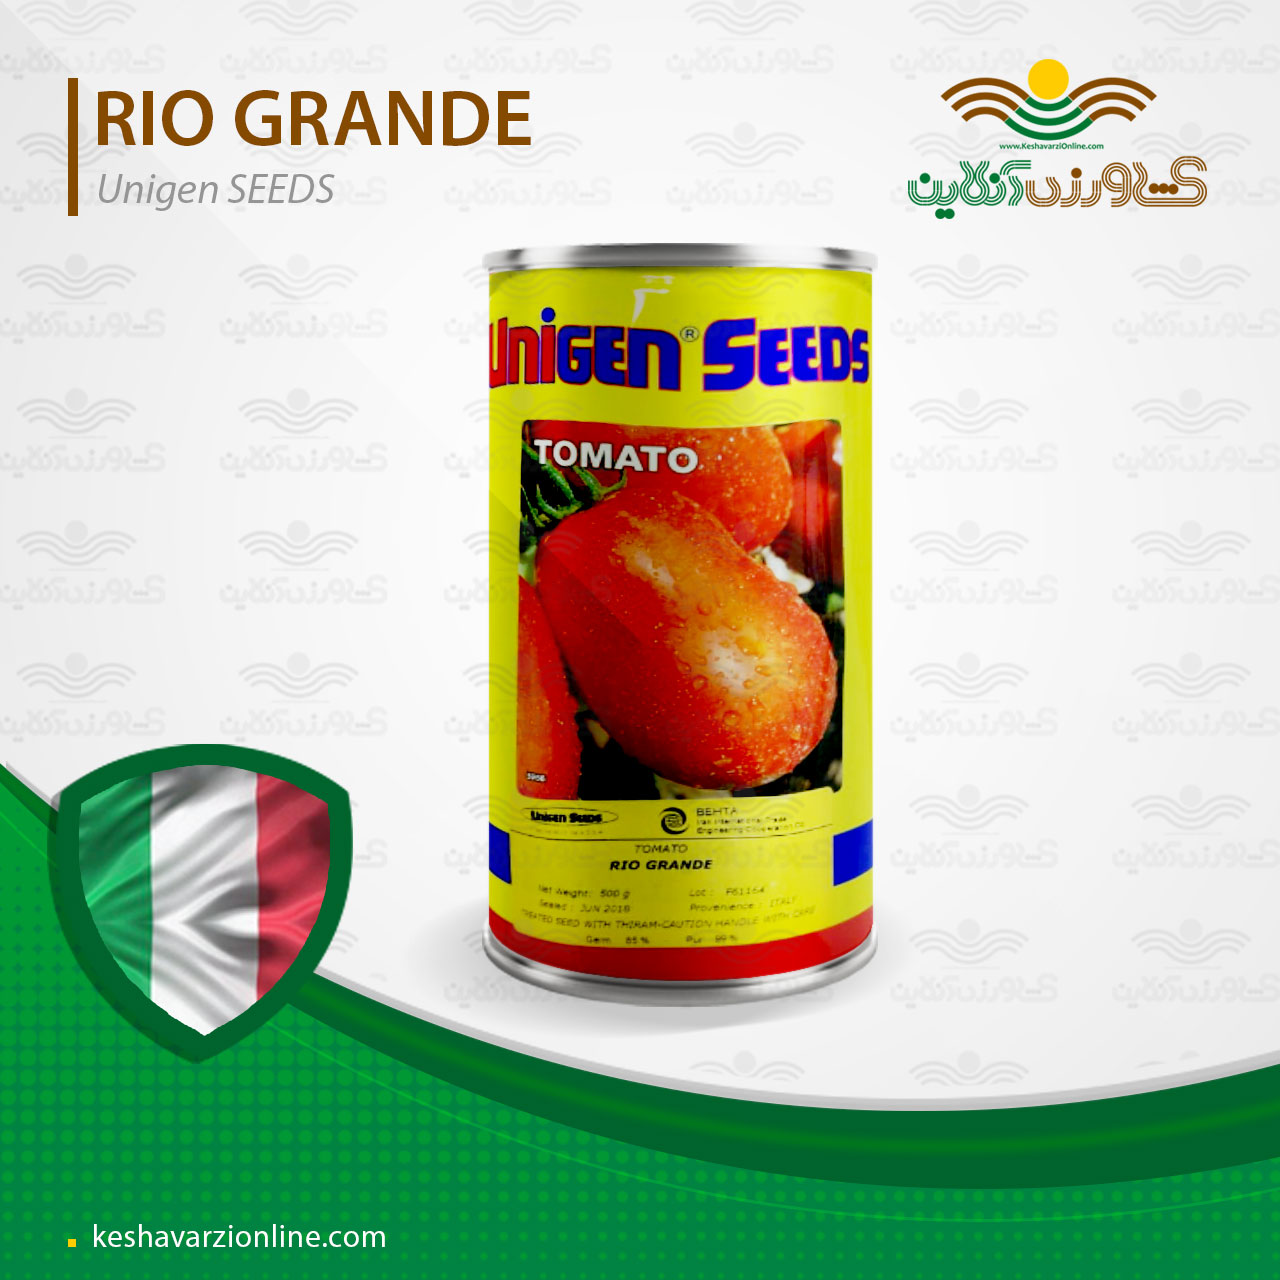 بذر گوجه فرنگی یونی ژن ریوگرند